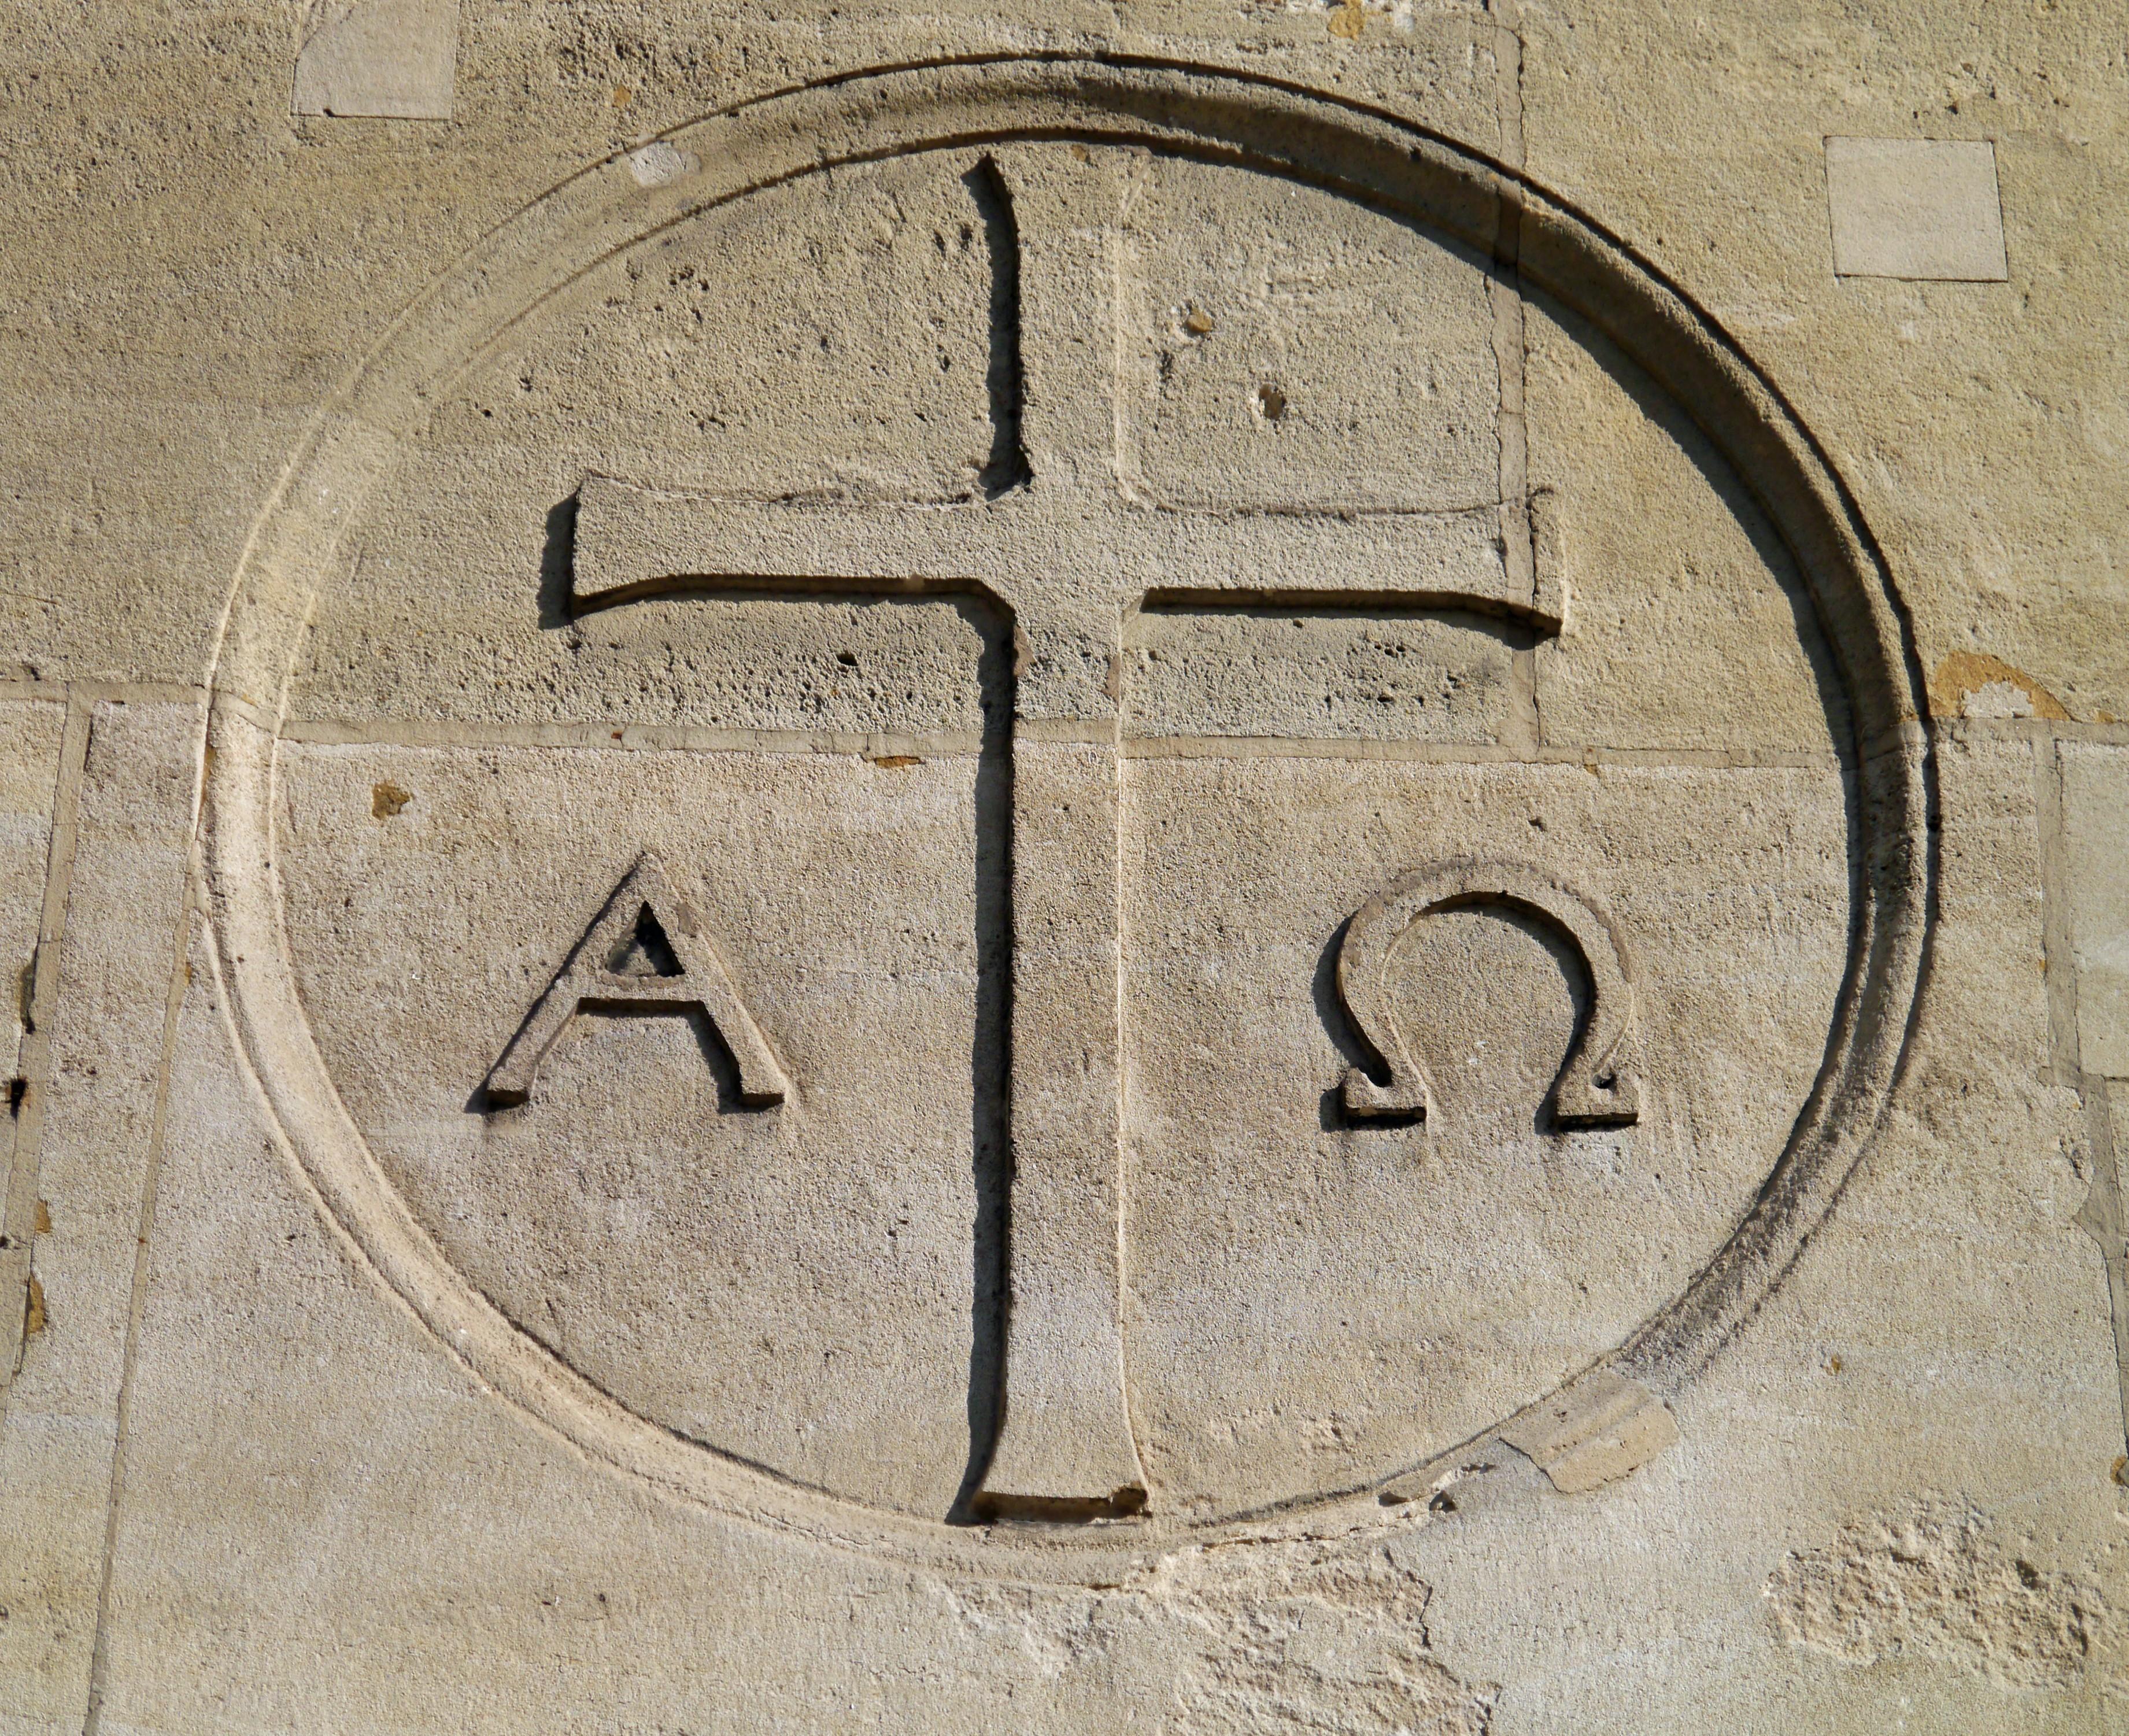 File:Église Saint-Jacques-Saint-Christophe de la Villette, Paris - Alpha and Omega on Front Side.jpg